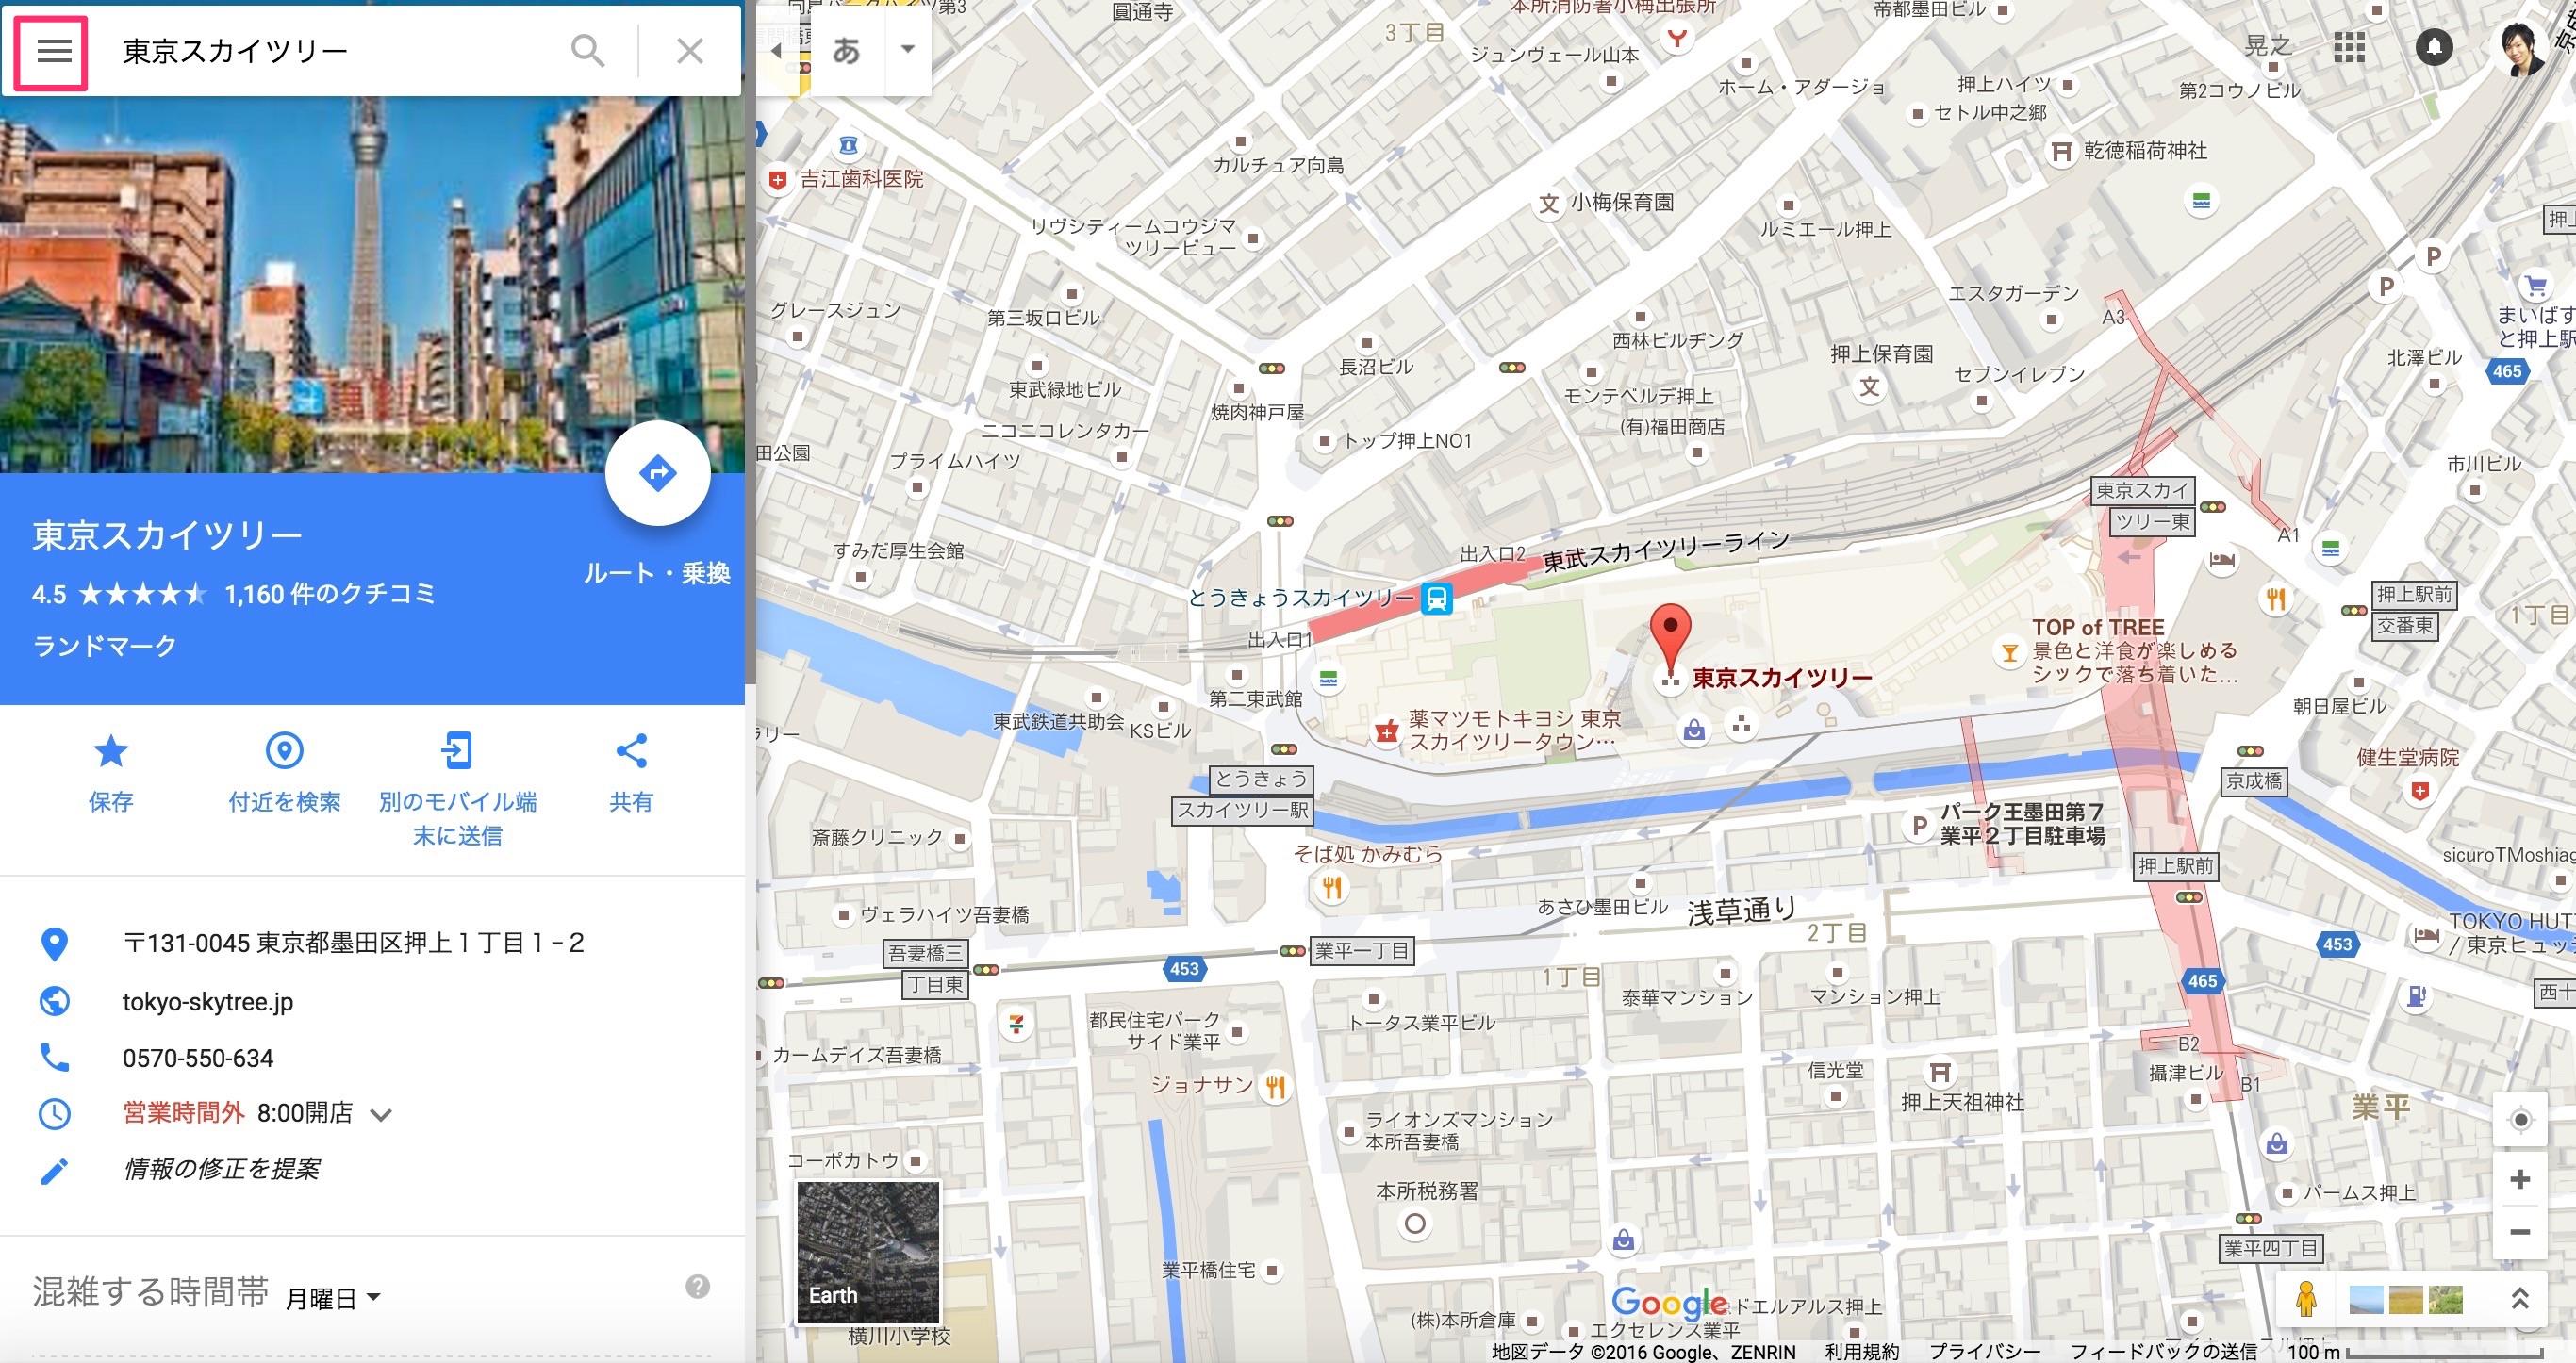 googlemap 埋め込み方法